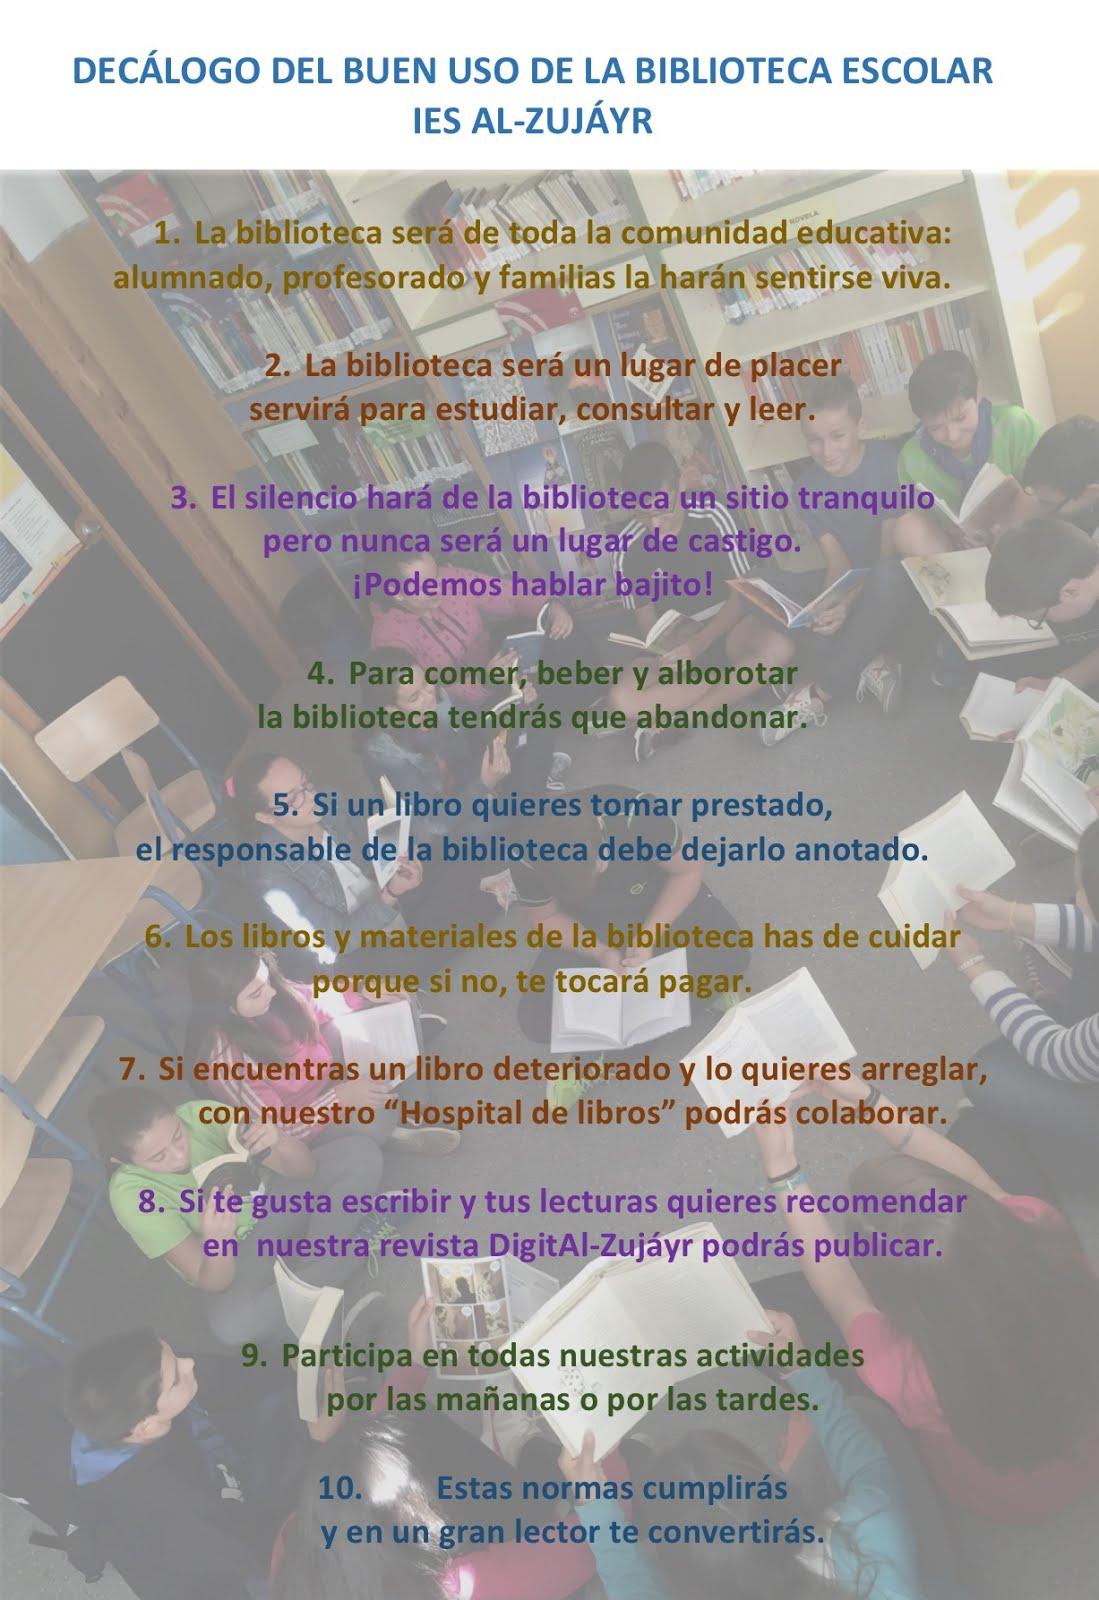 Decálogo del buen uso de la biblioteca escolar del IES Al-Zujáyr